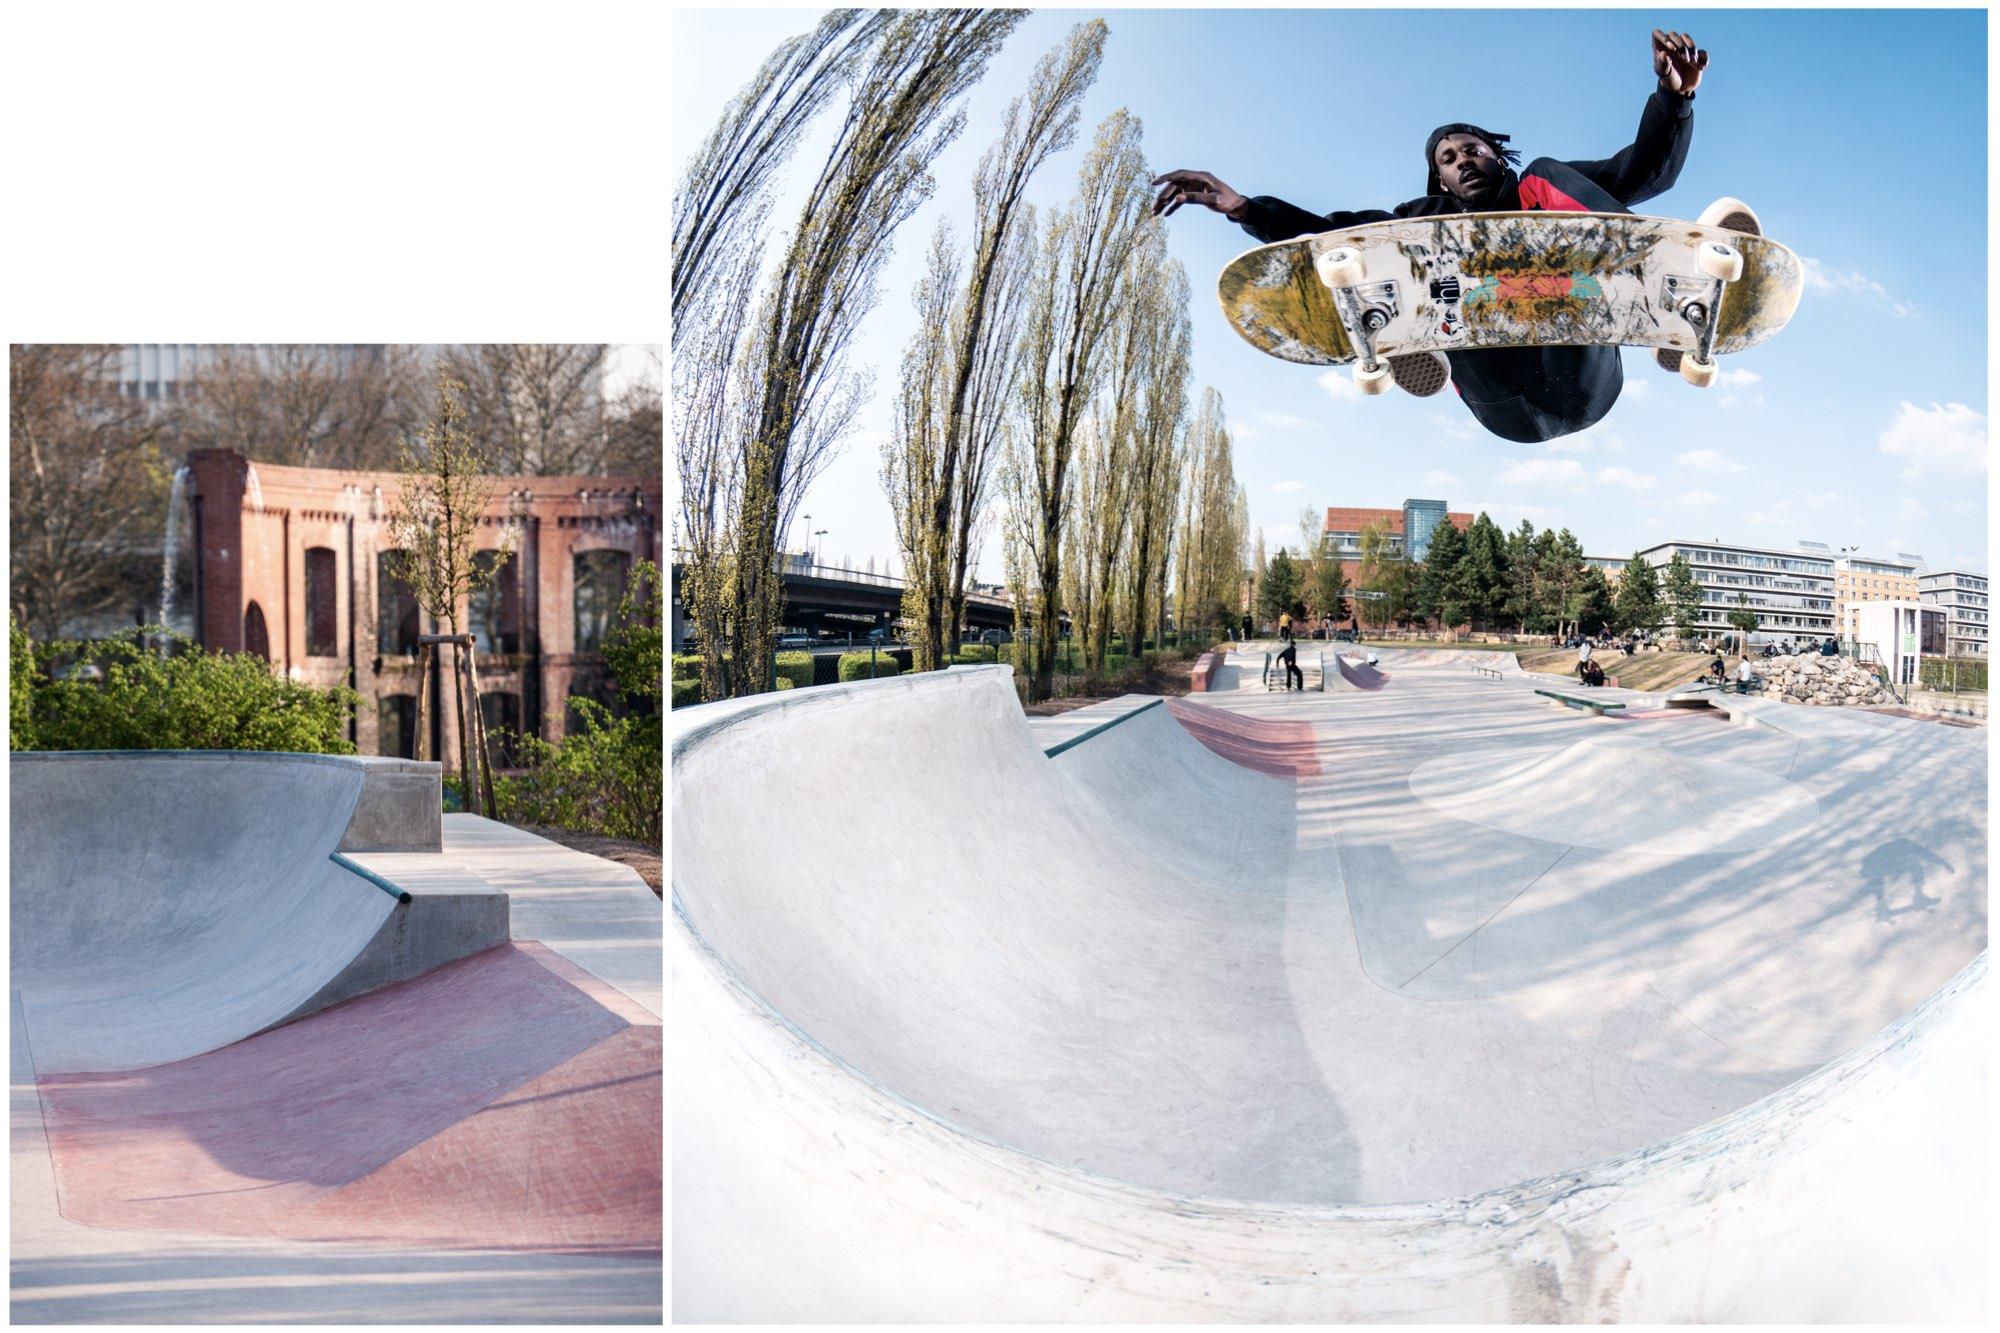 landskate_skatepark_planung_saarbrcken_modo-matinda